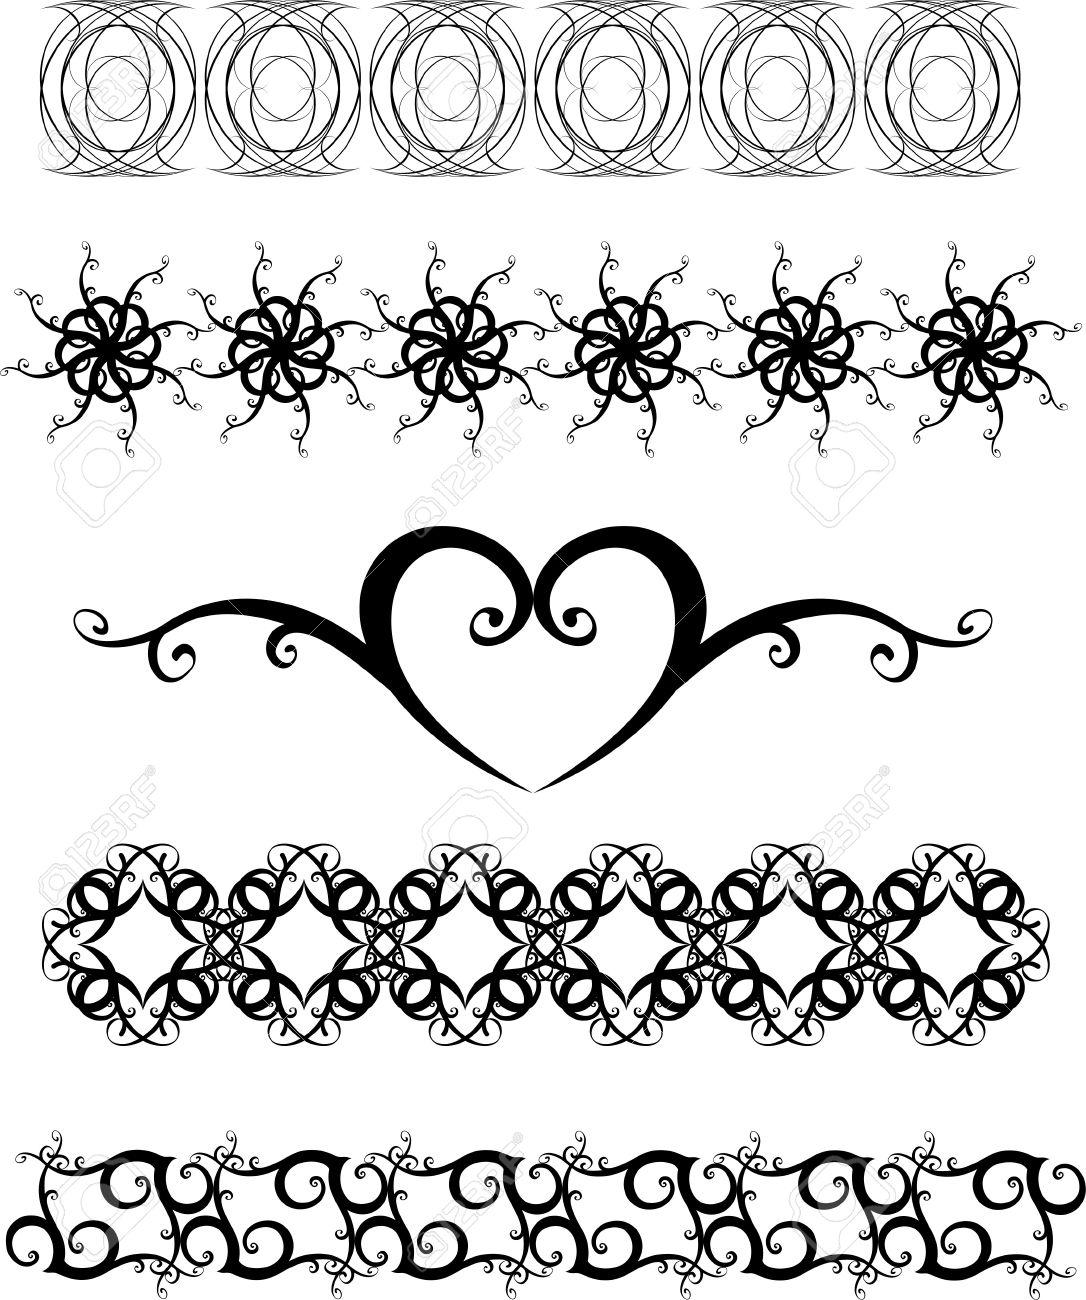 Black and white ornaments - Original Black And White Decorative Ornaments Stock Vector 4962666